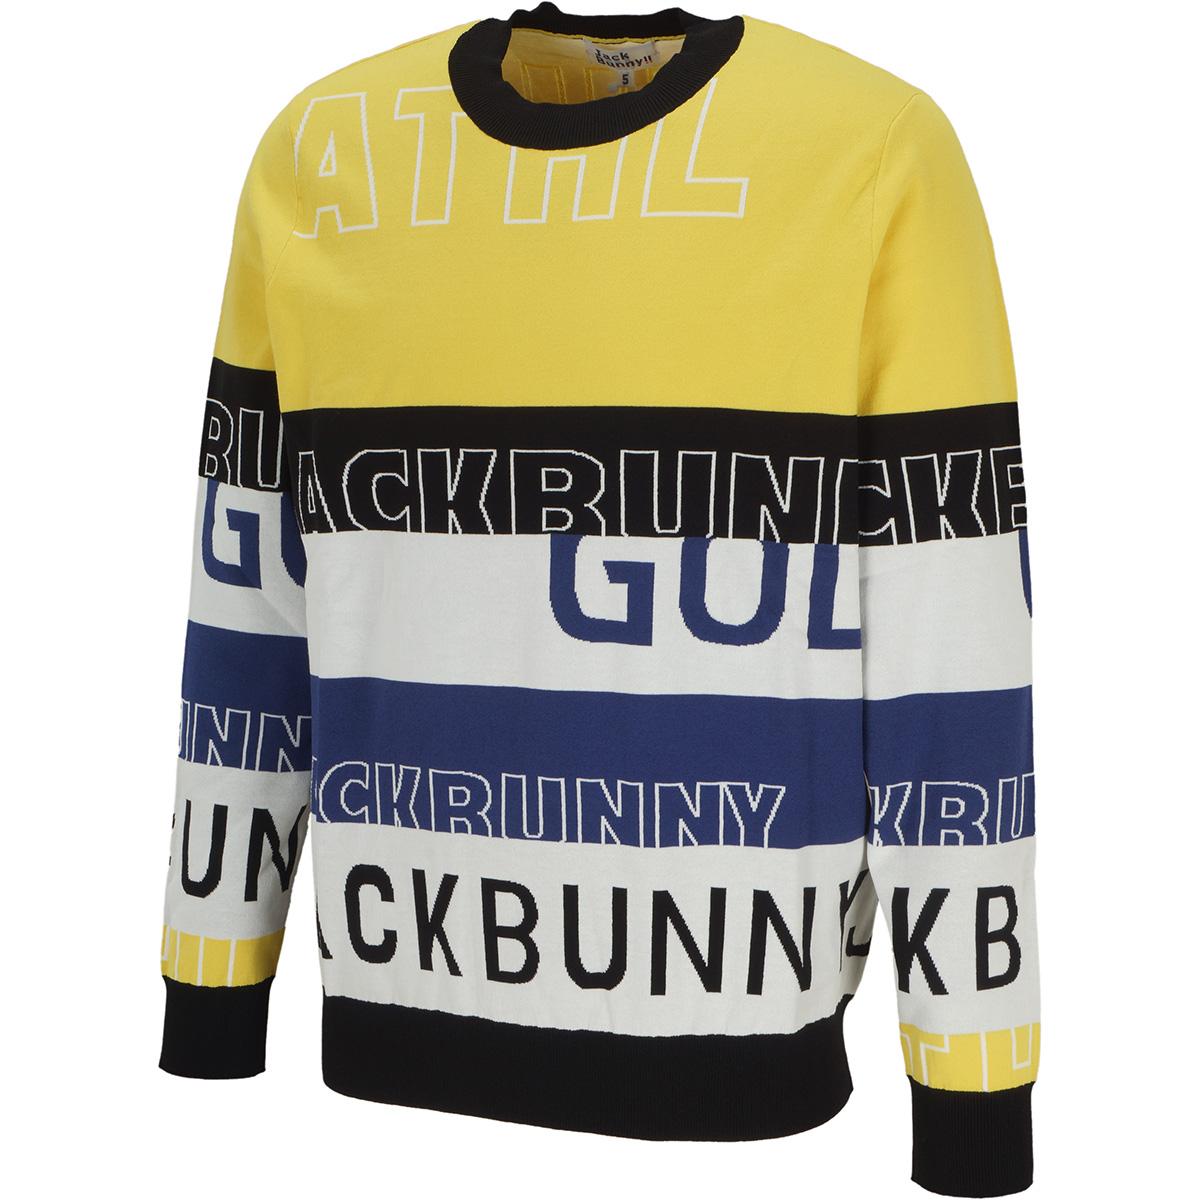 袋ジャカードセーター